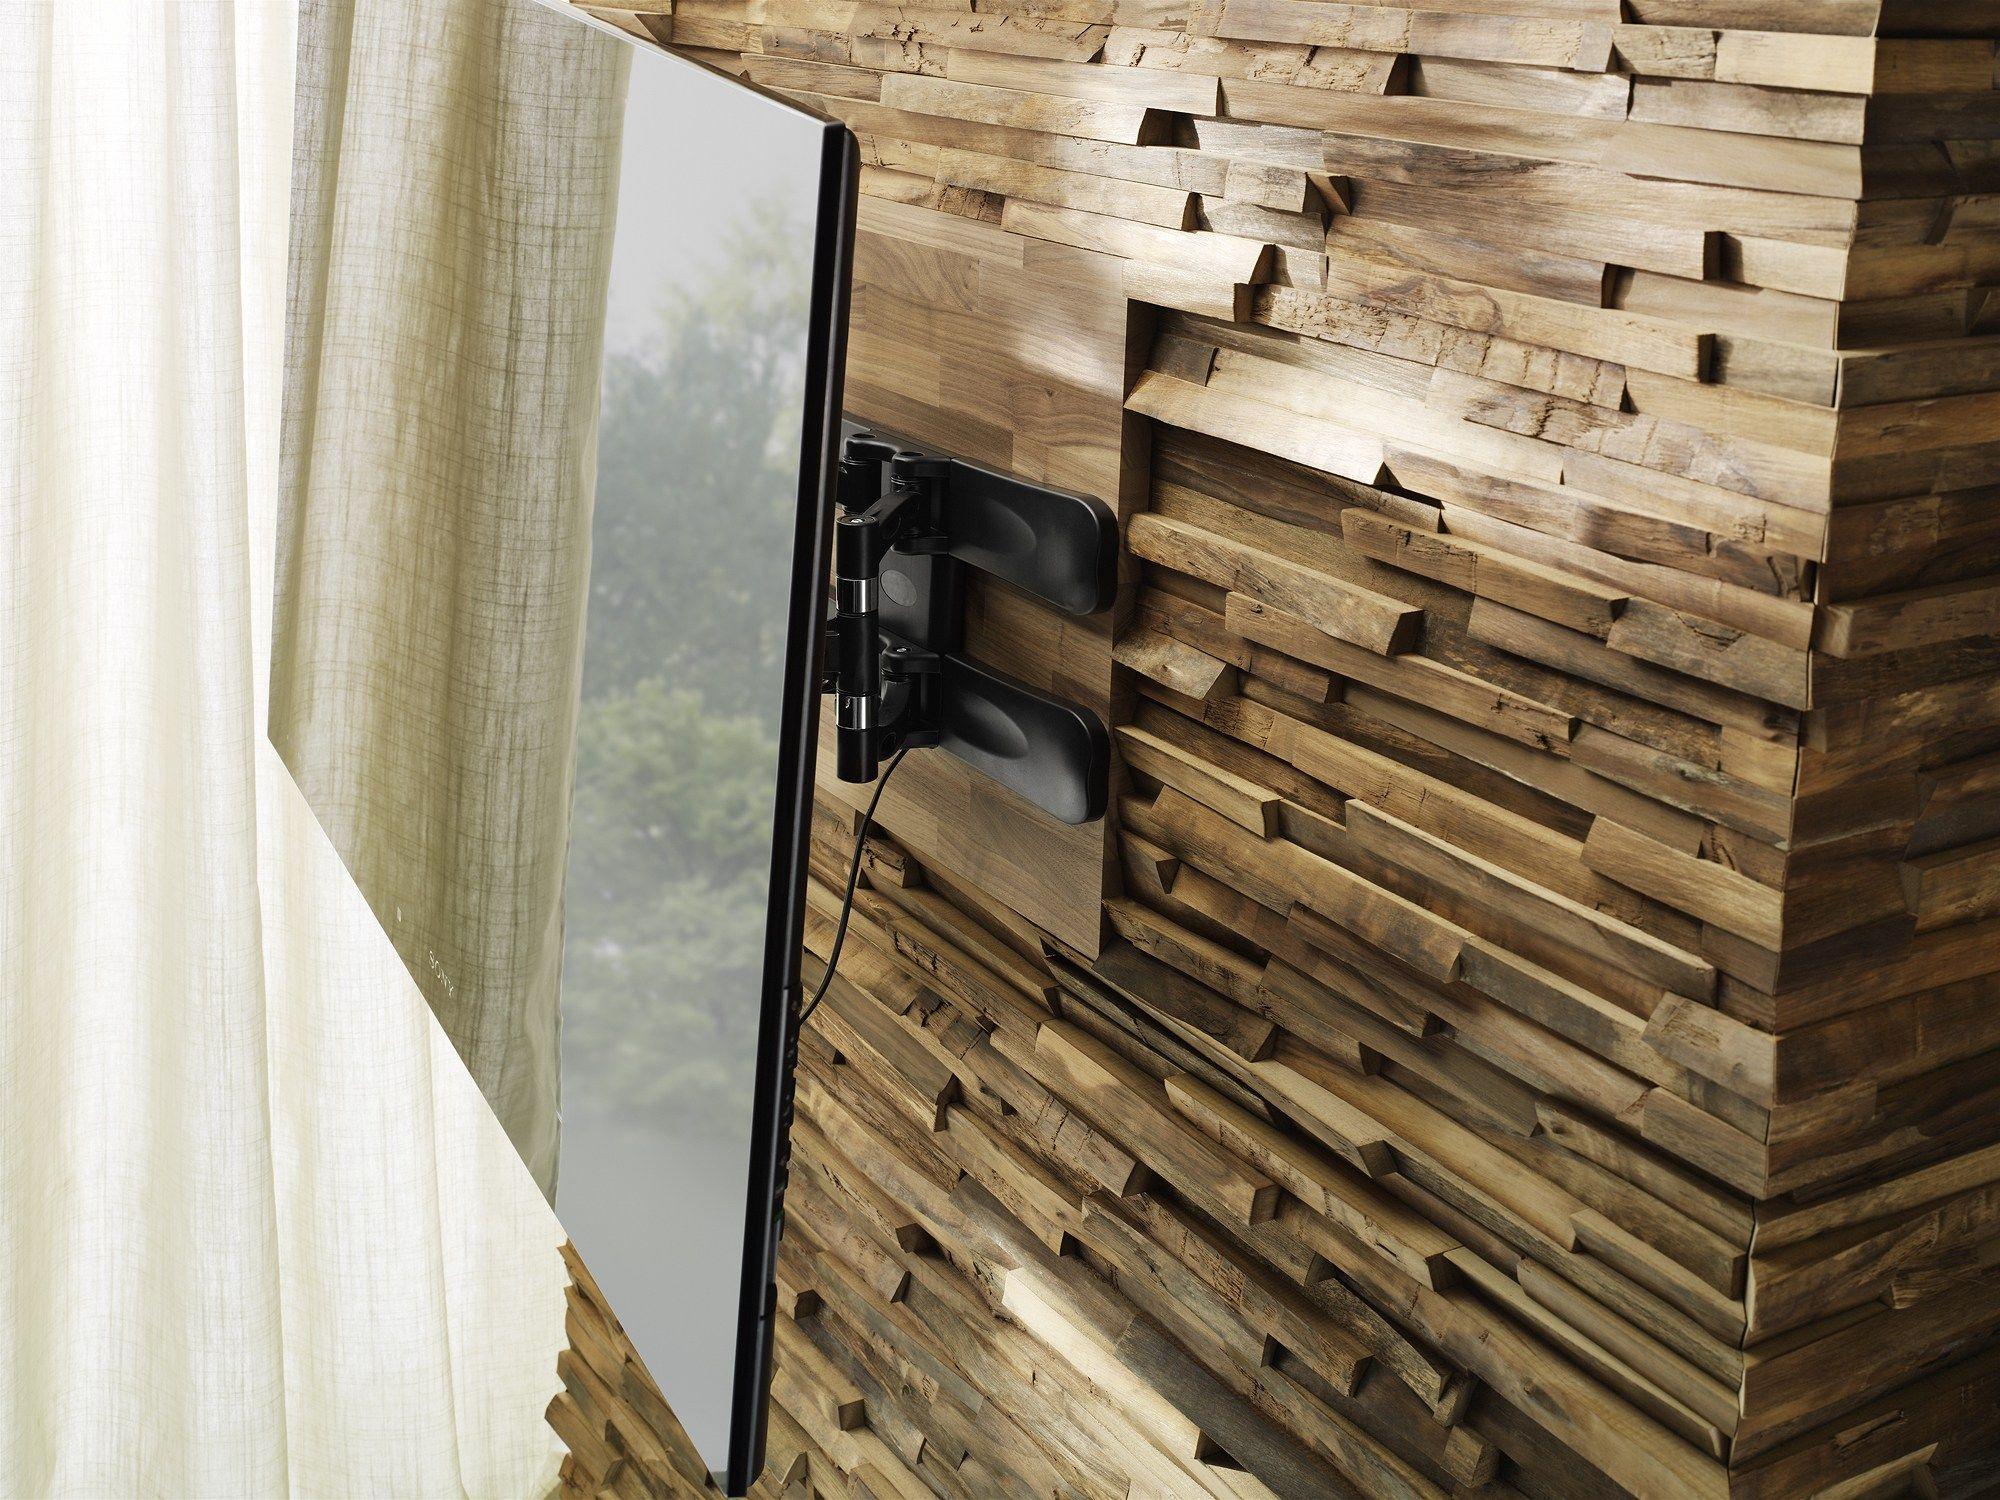 Doghe In Legno Per Pareti : Rivestimenti in legno per pareti